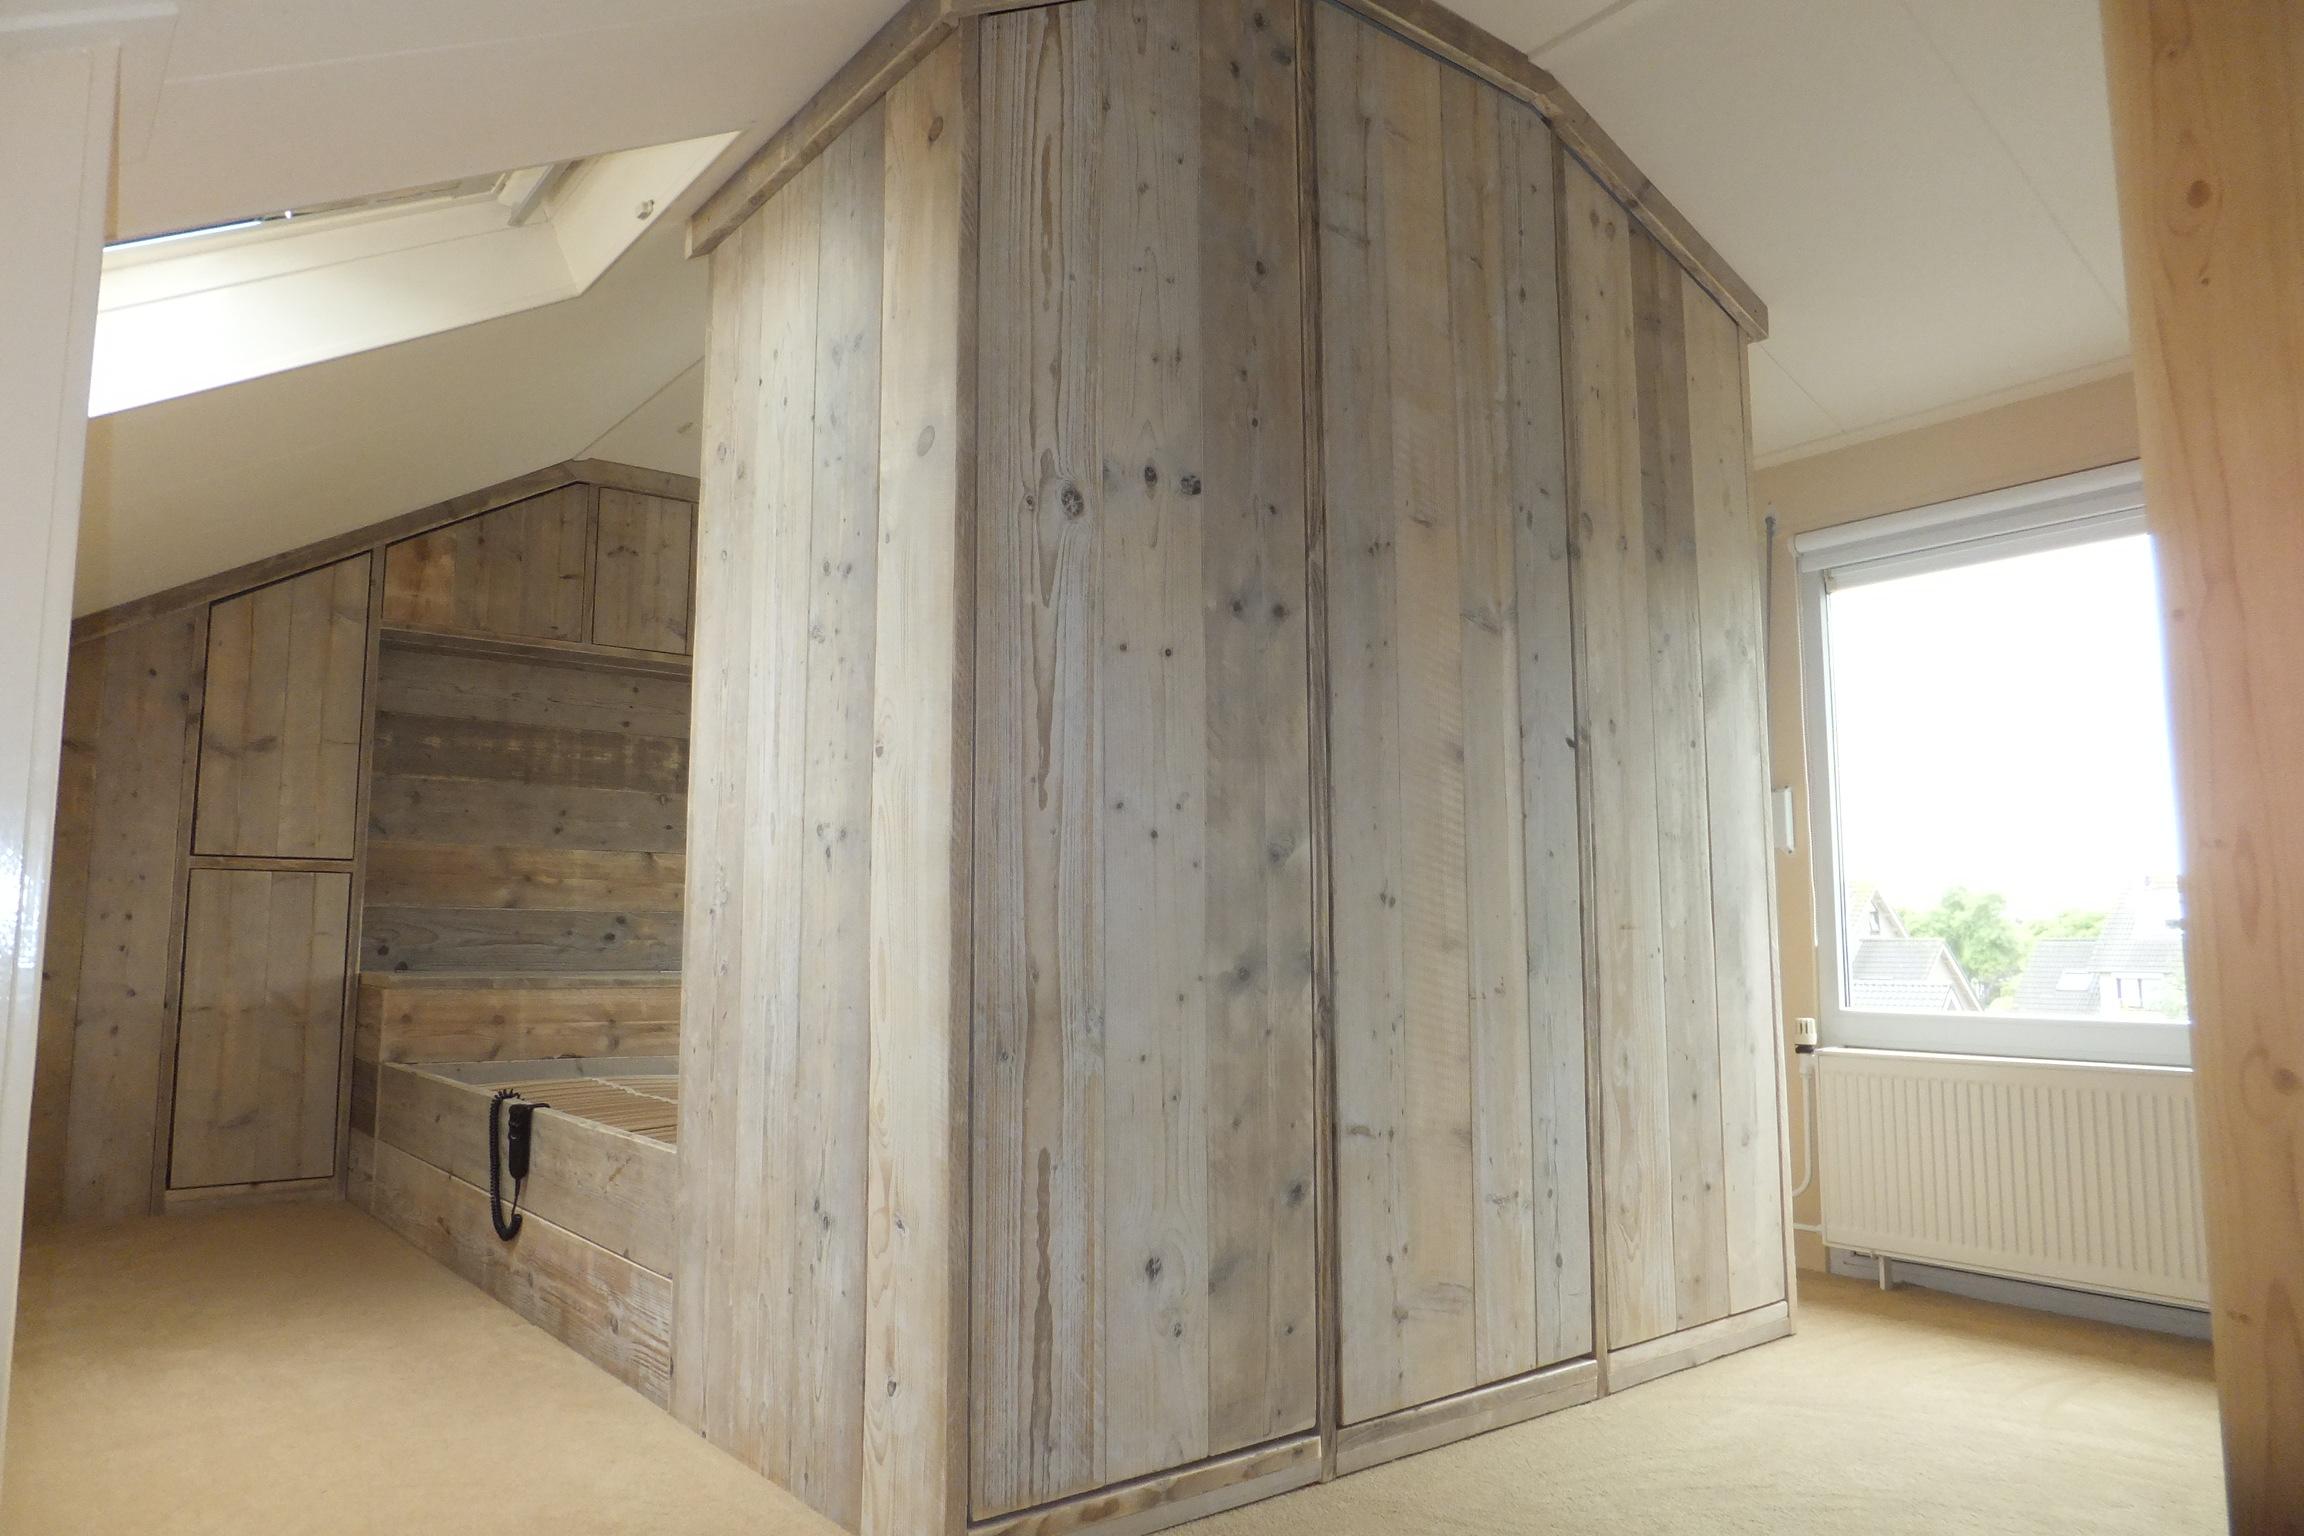 ... Steigerhout slaapkamer kast : Maatwerk steigerhouten bedombouw jl